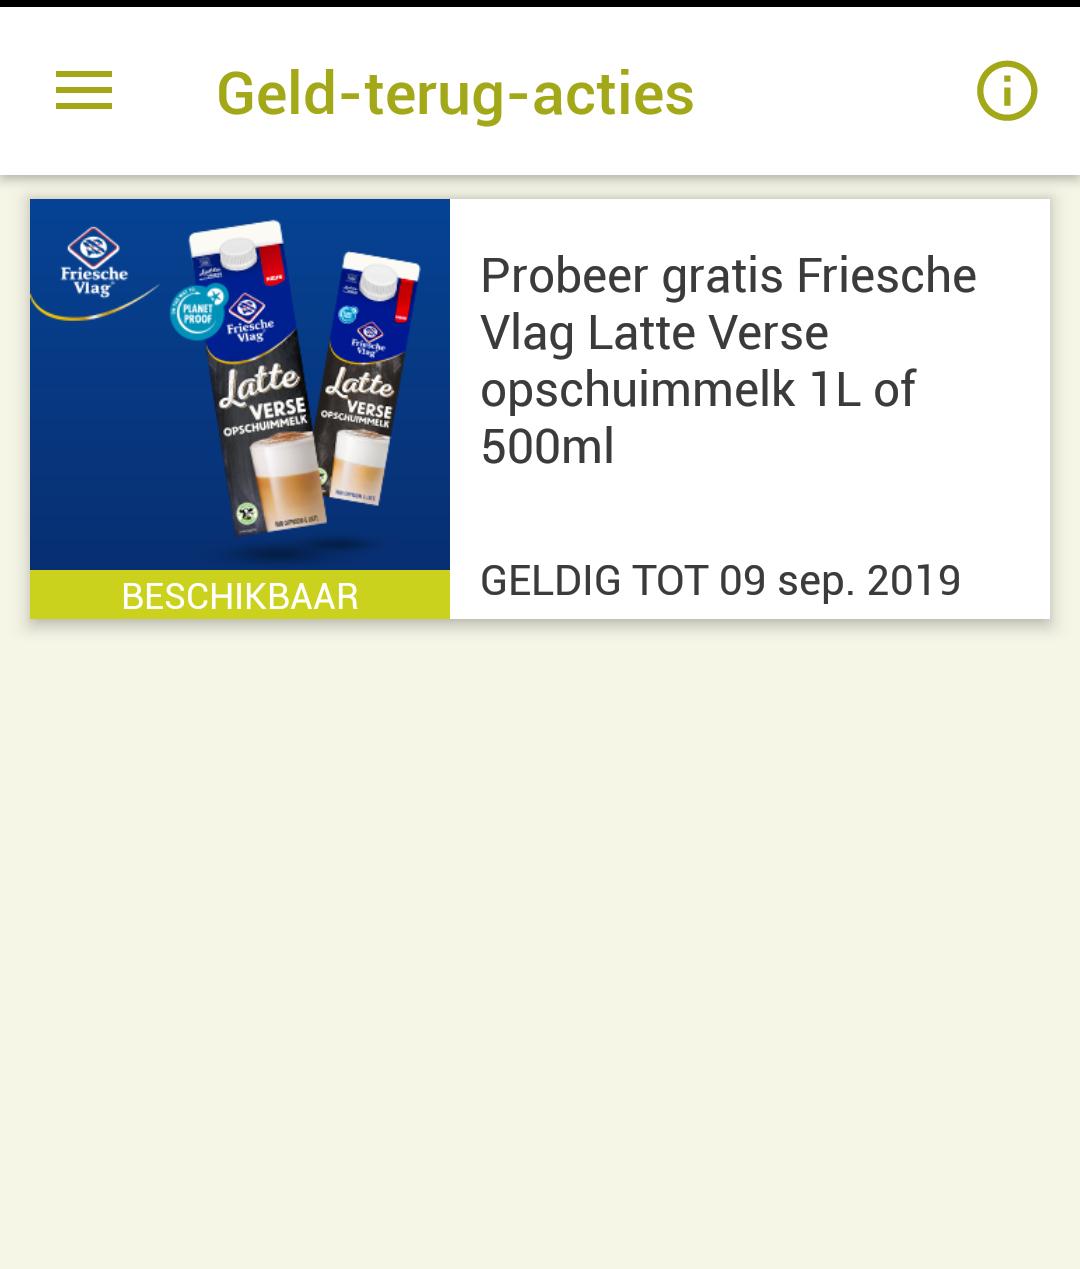 Probeer gratis Friesche vlag latte verse opschuimmelk 1l of 500ml